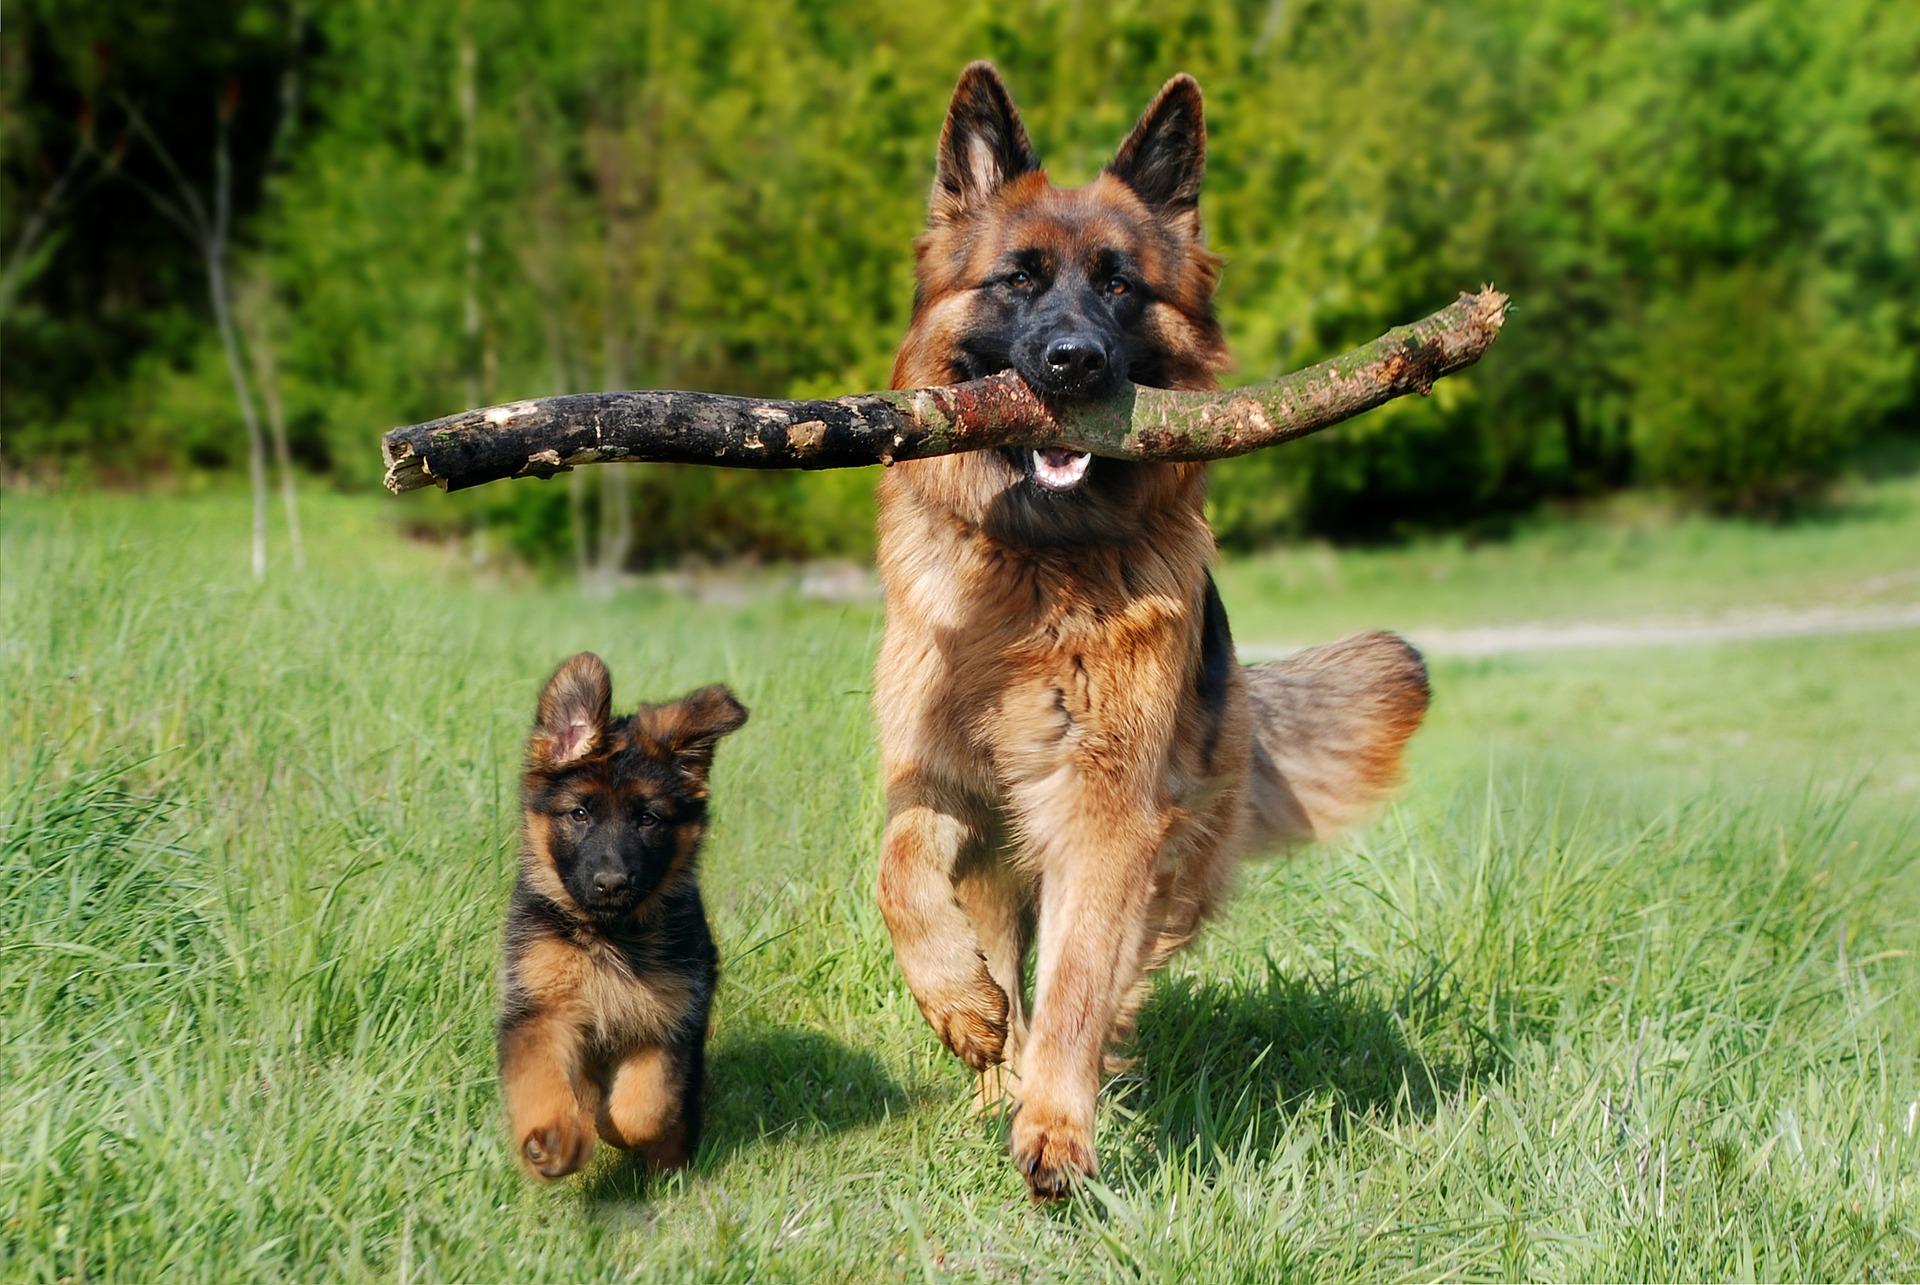 Če ne moreš pobrati iztrebka, ne moreš imeti psa